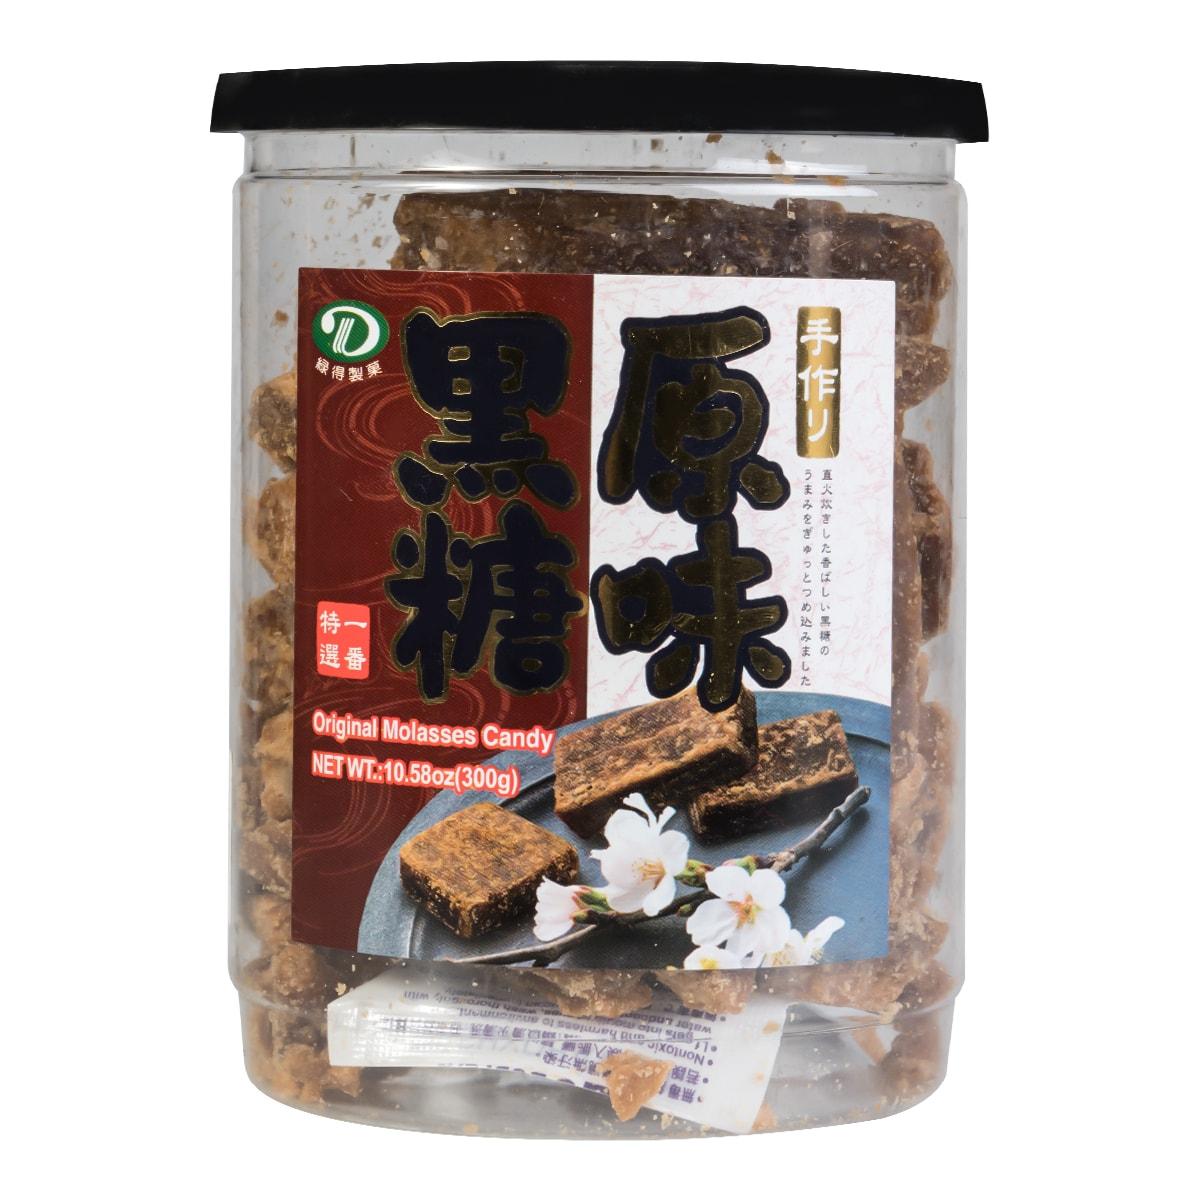 台湾綠得製菓 补血美容原味黑糖 300g